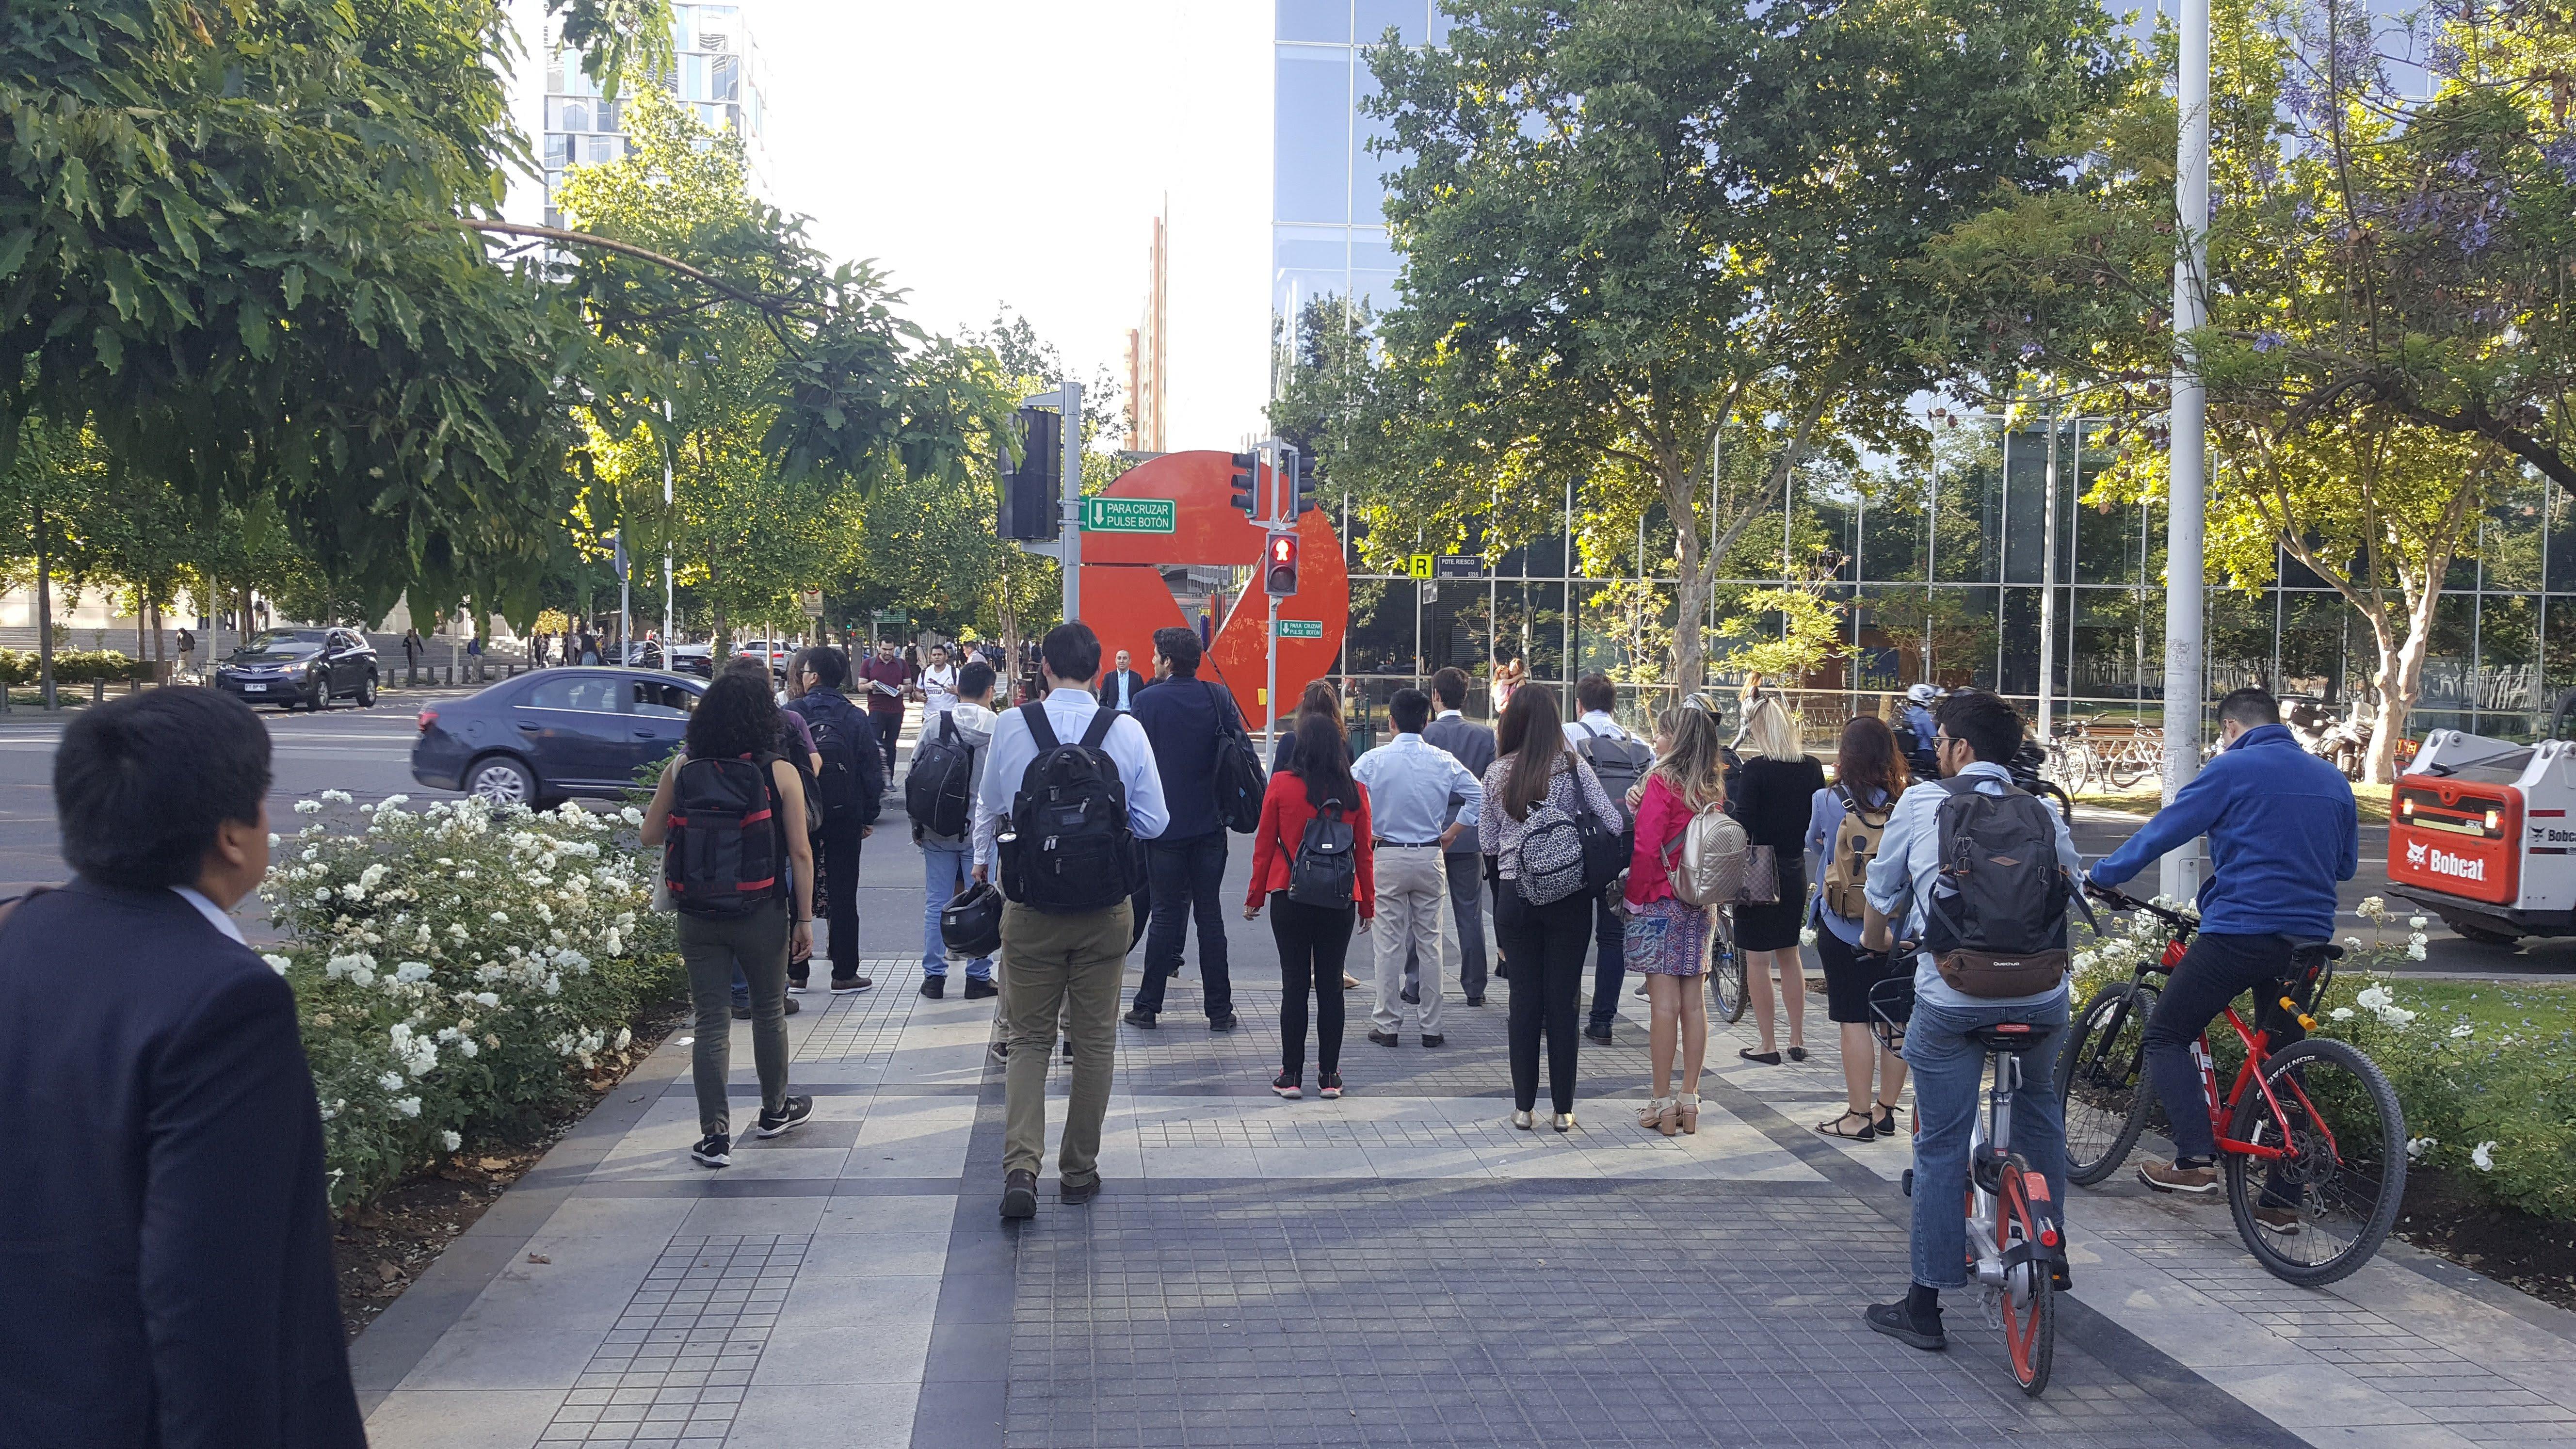 gran cantidad de peatones y varios ciclistas esperando el cruce de la calzada